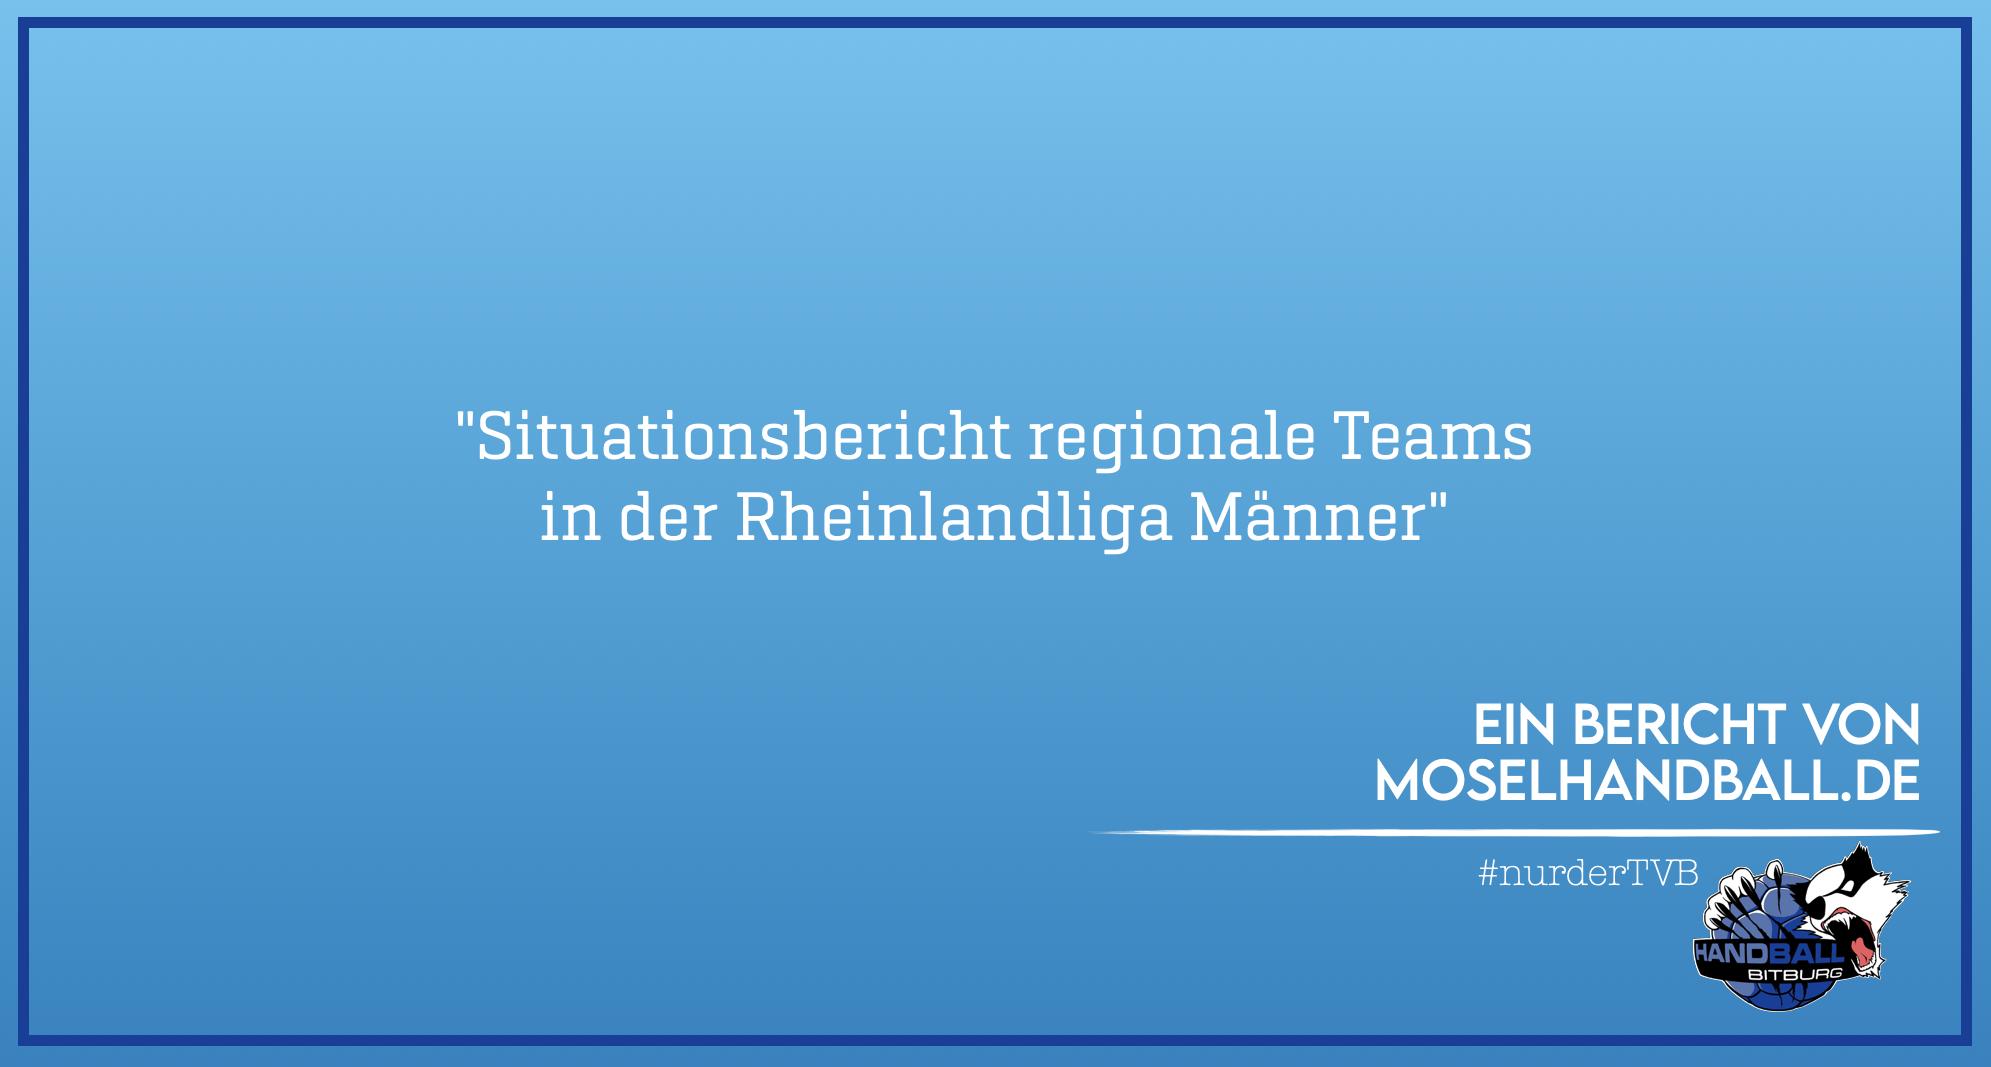 Moselhandball.de: Situationsbericht regionale Teams in der Rheinlandliga Männer